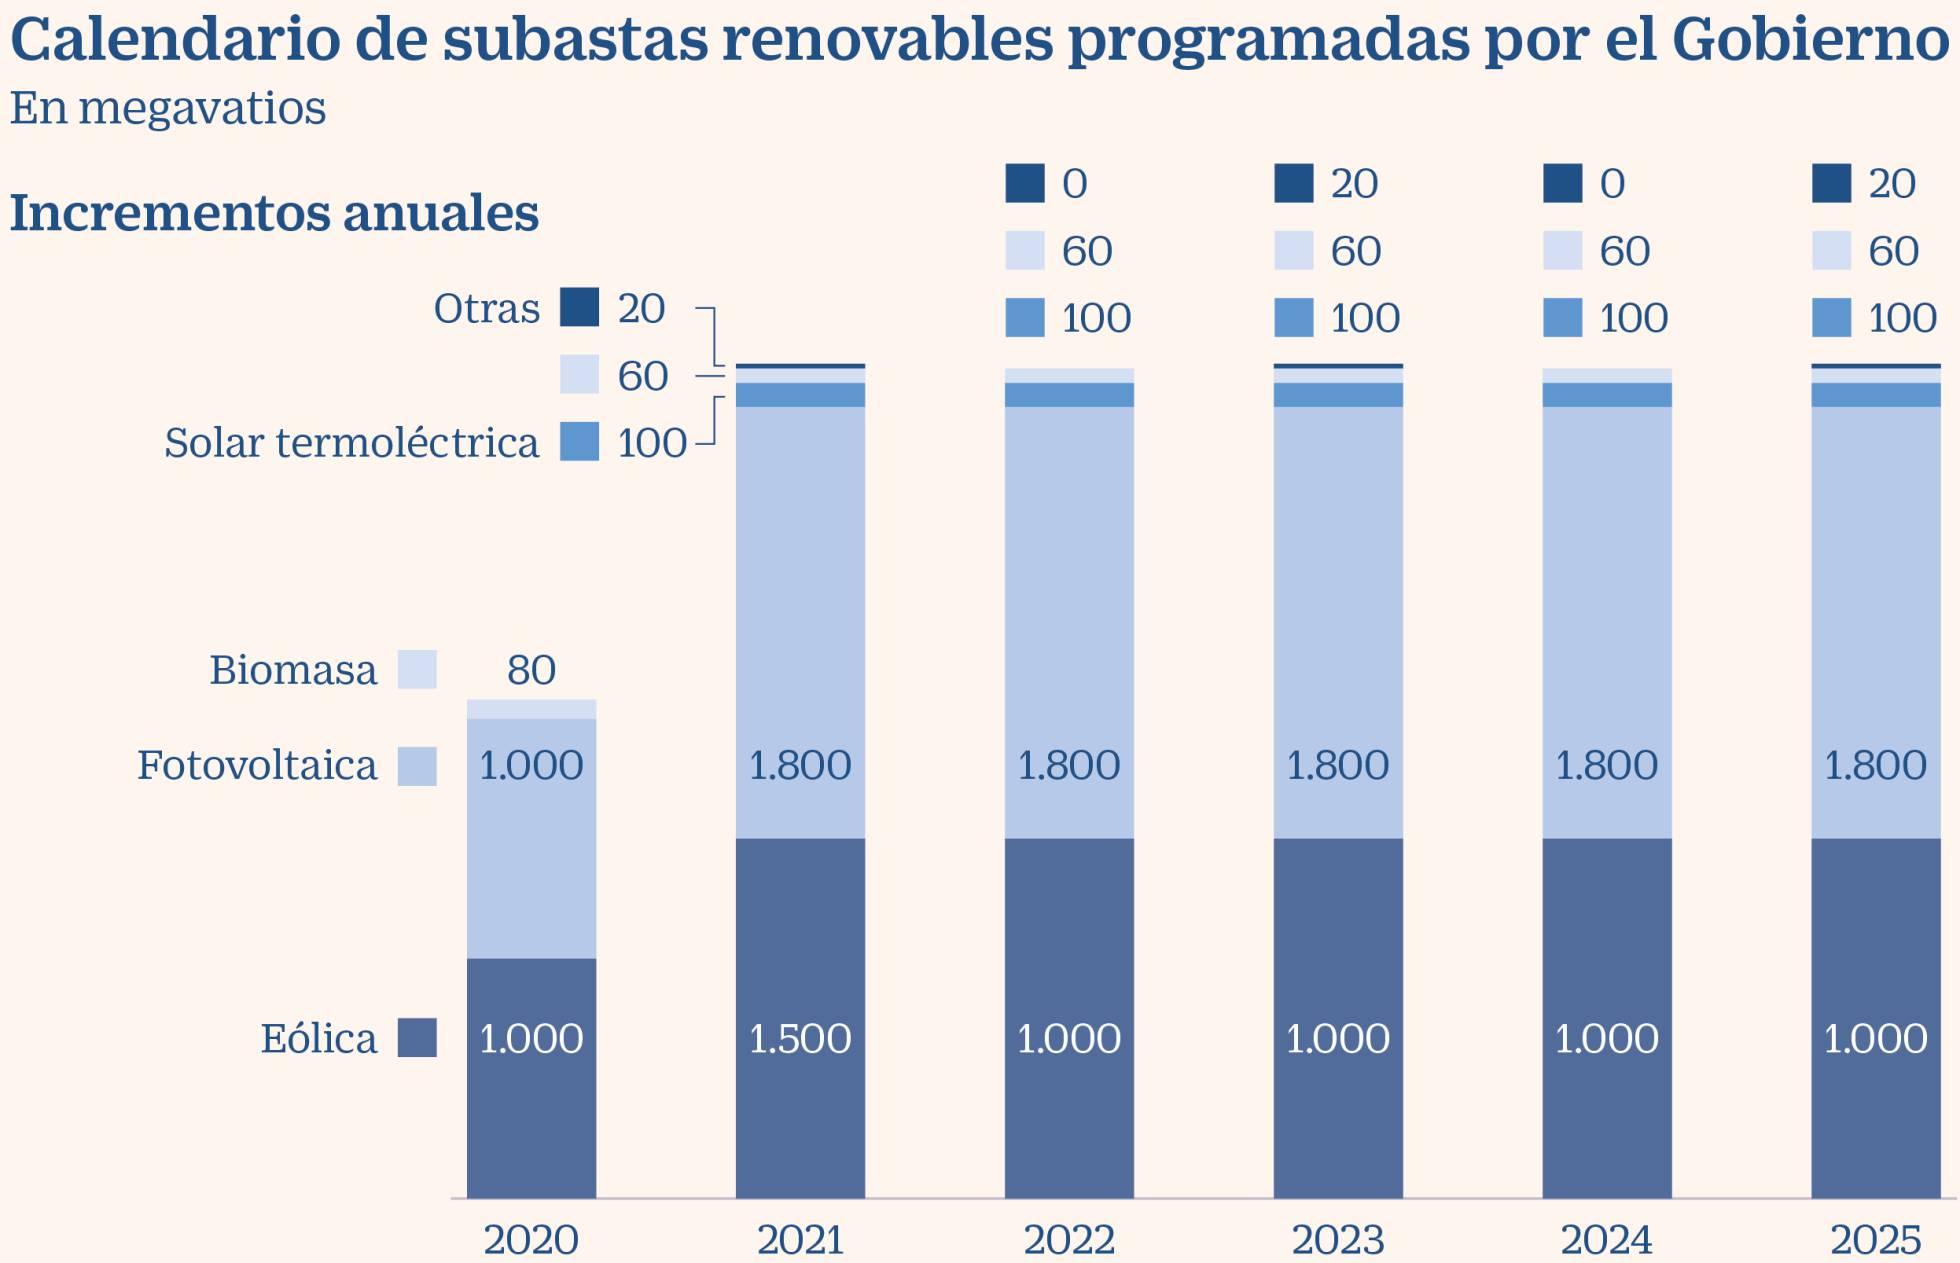 calendario anual de potencia renovable a subastar